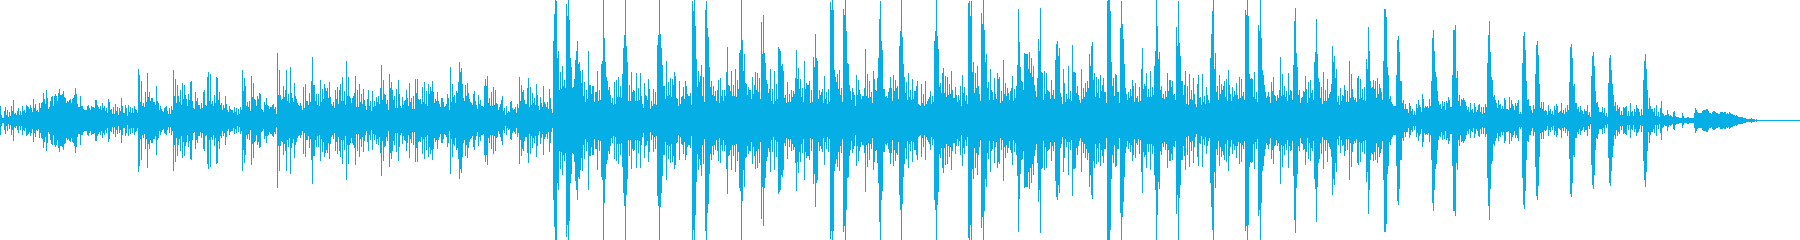 ニューエイジ研究所Ambient-...の再生済みの波形